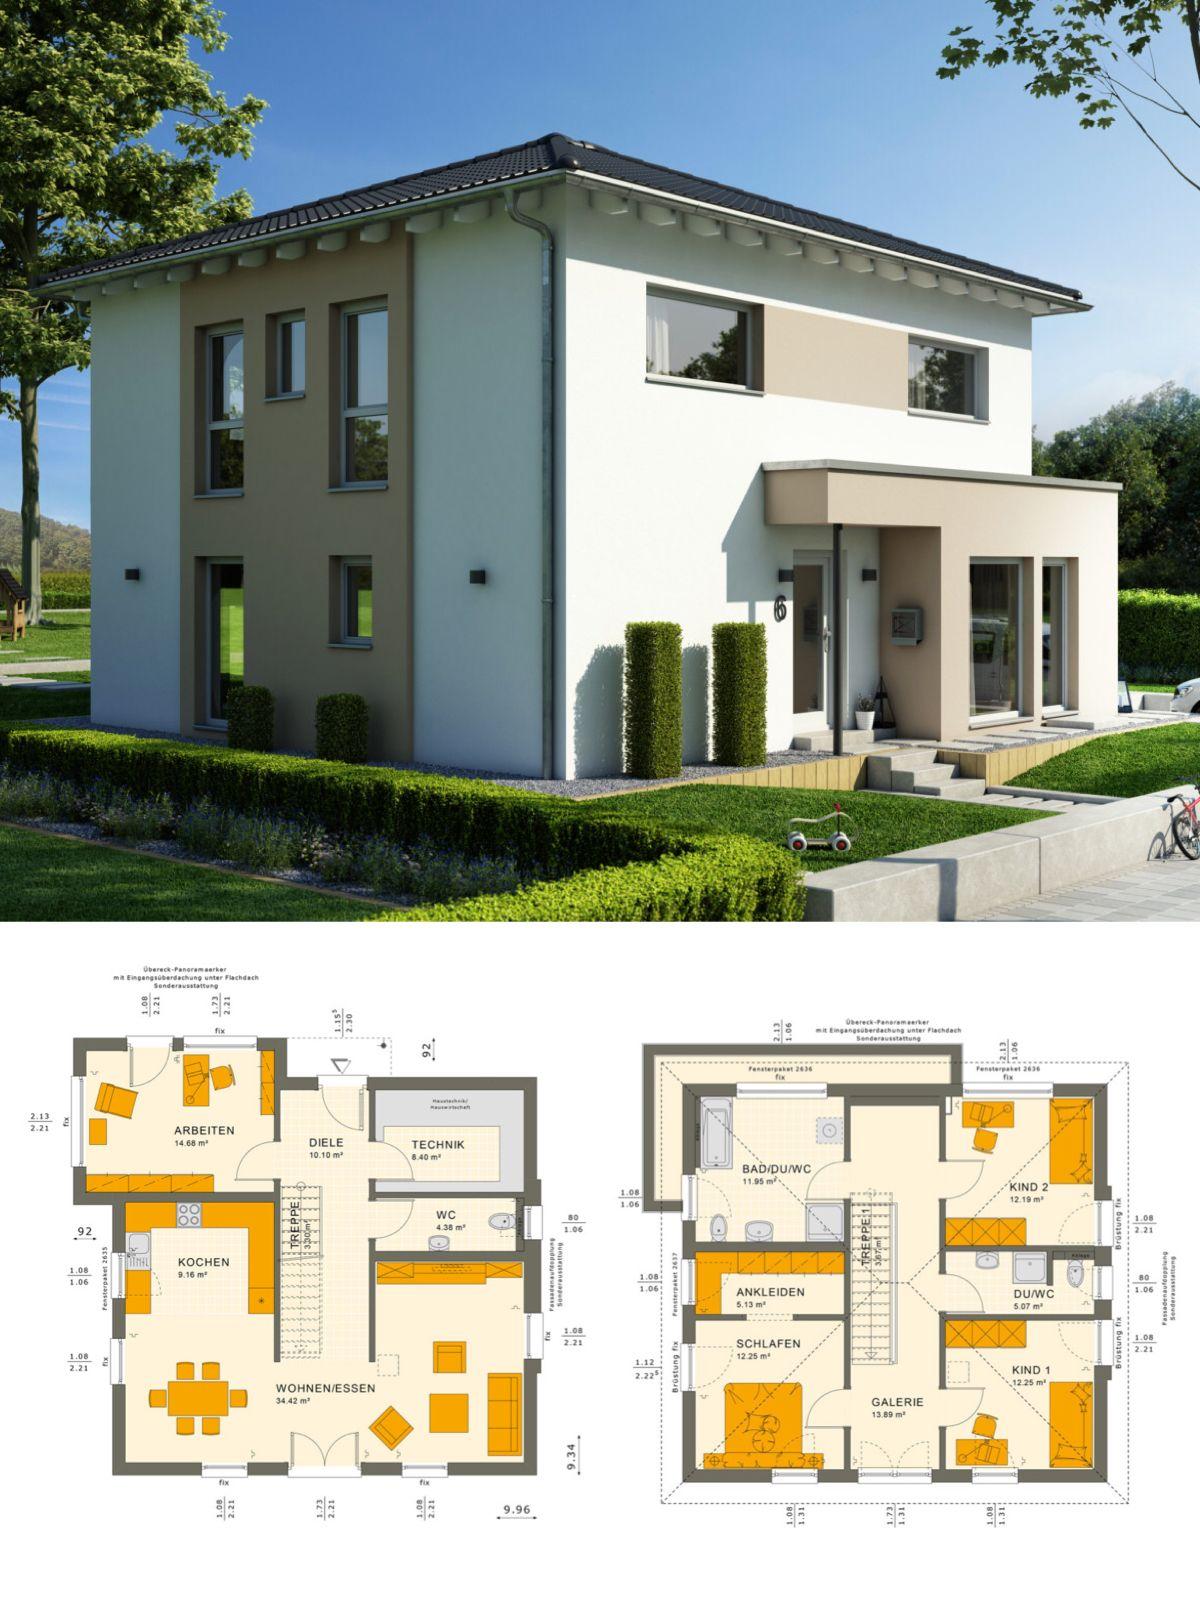 Modernes einfamilienhaus mit galerie walmdach for Modernes einfamilienhaus grundriss